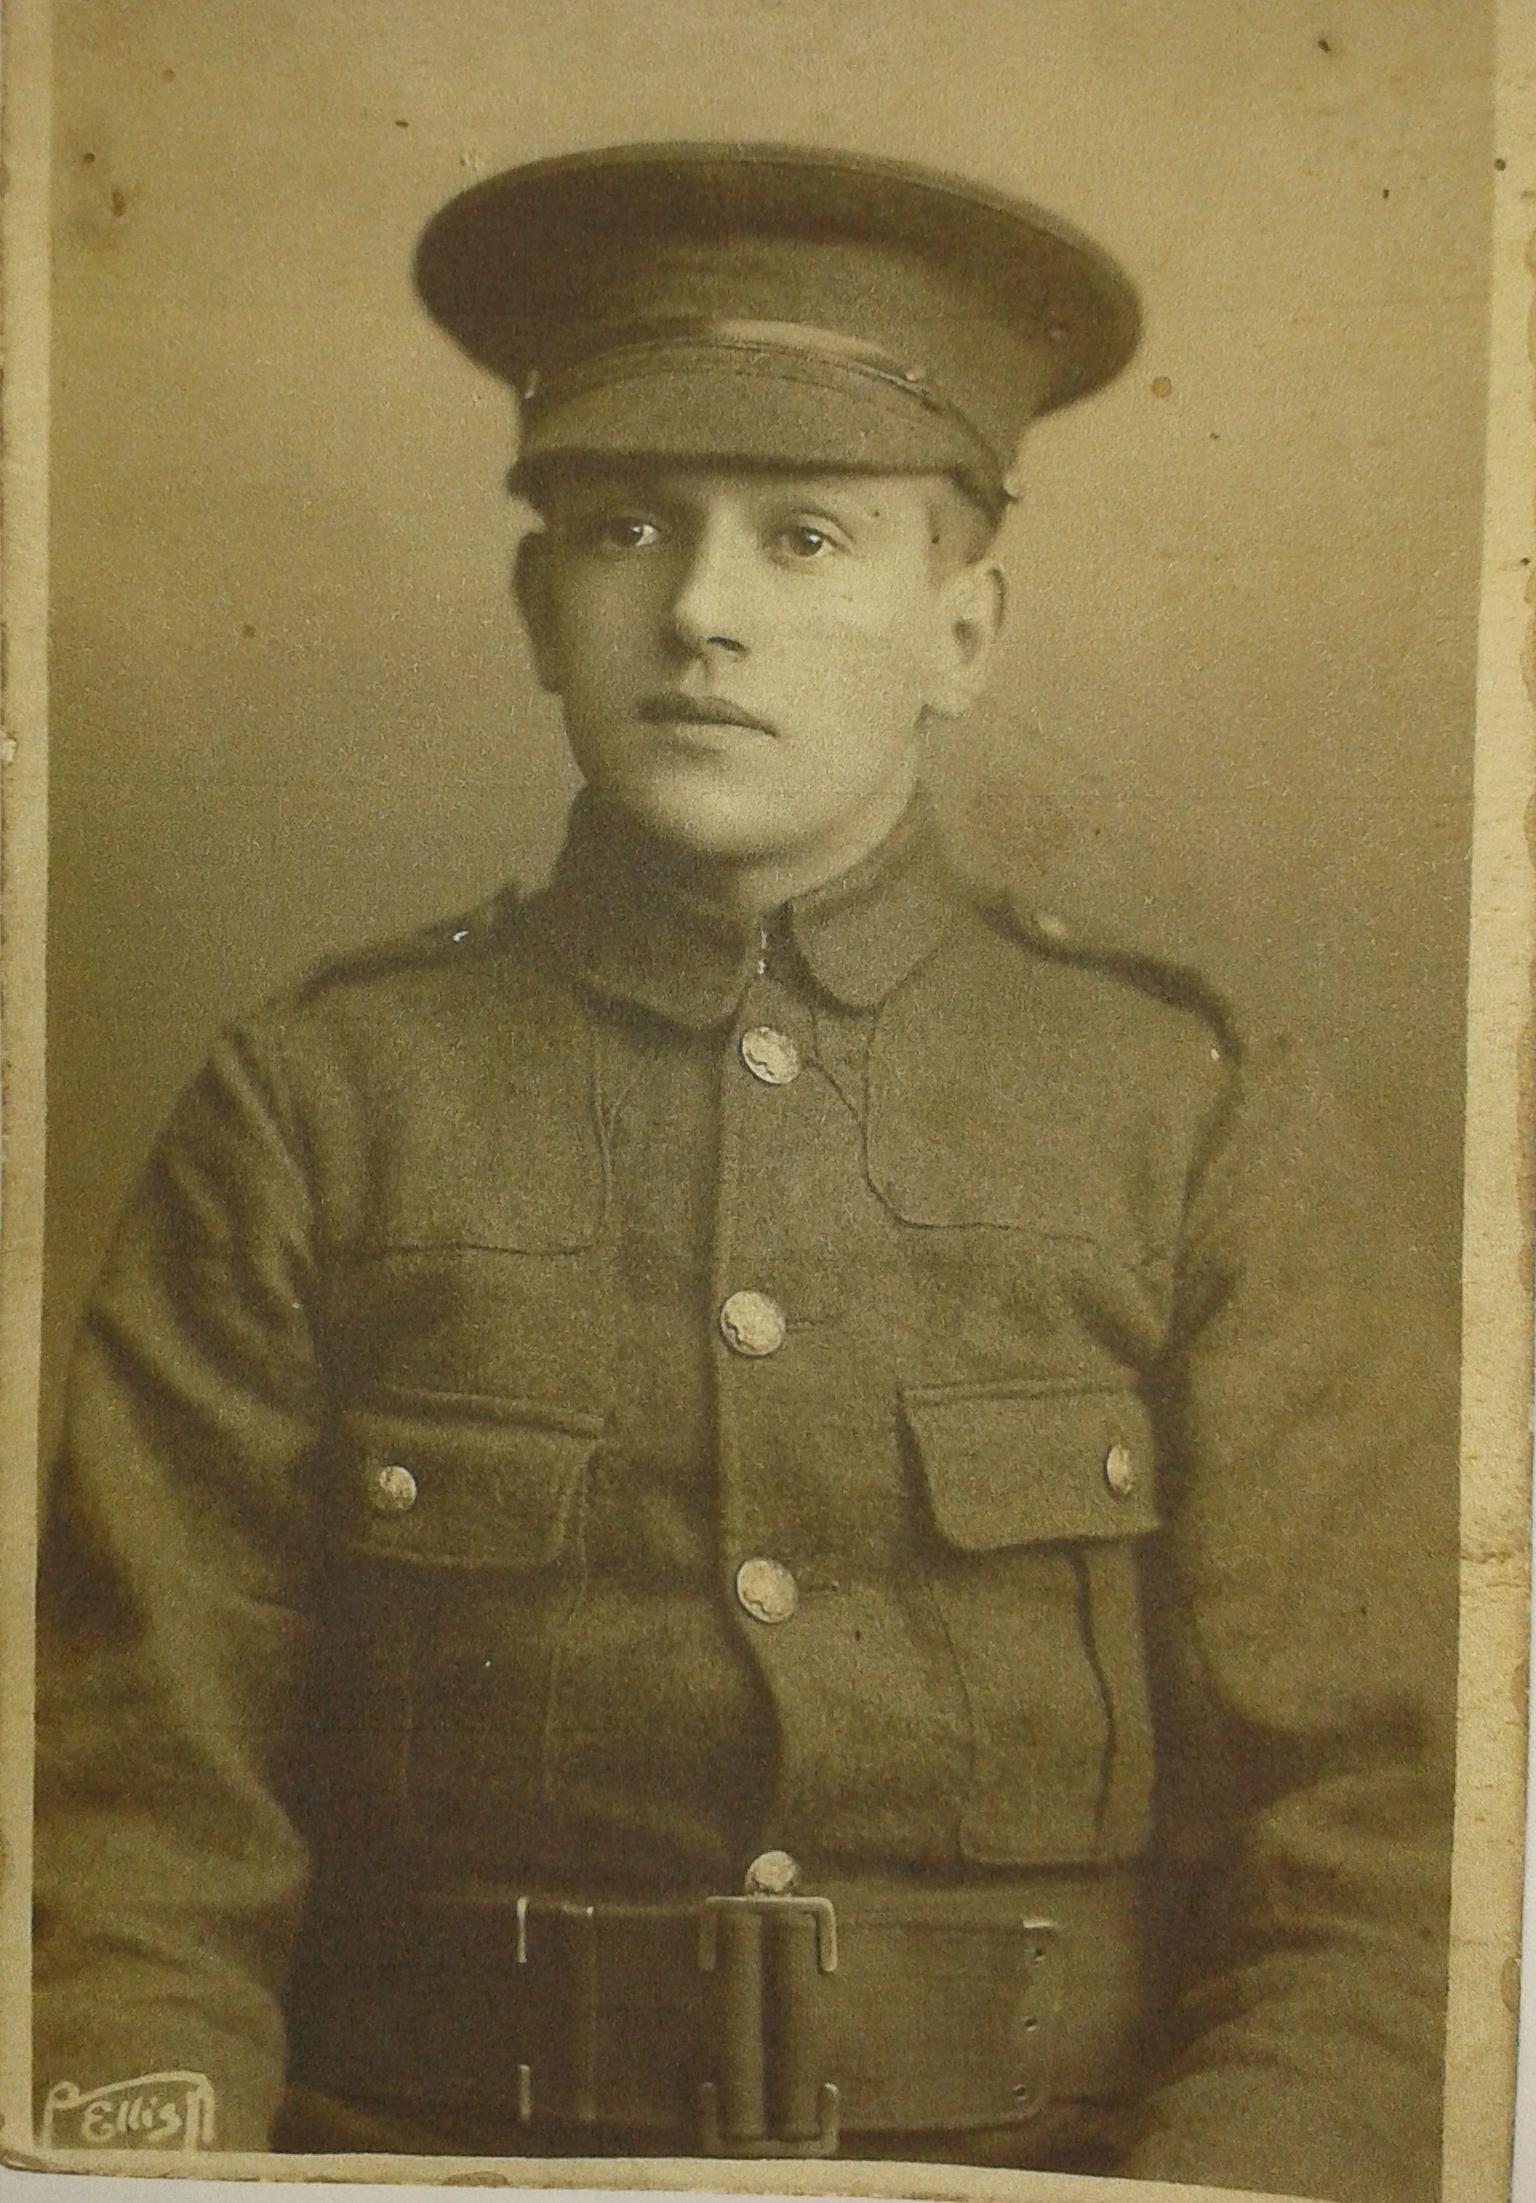 WW1 lad 1